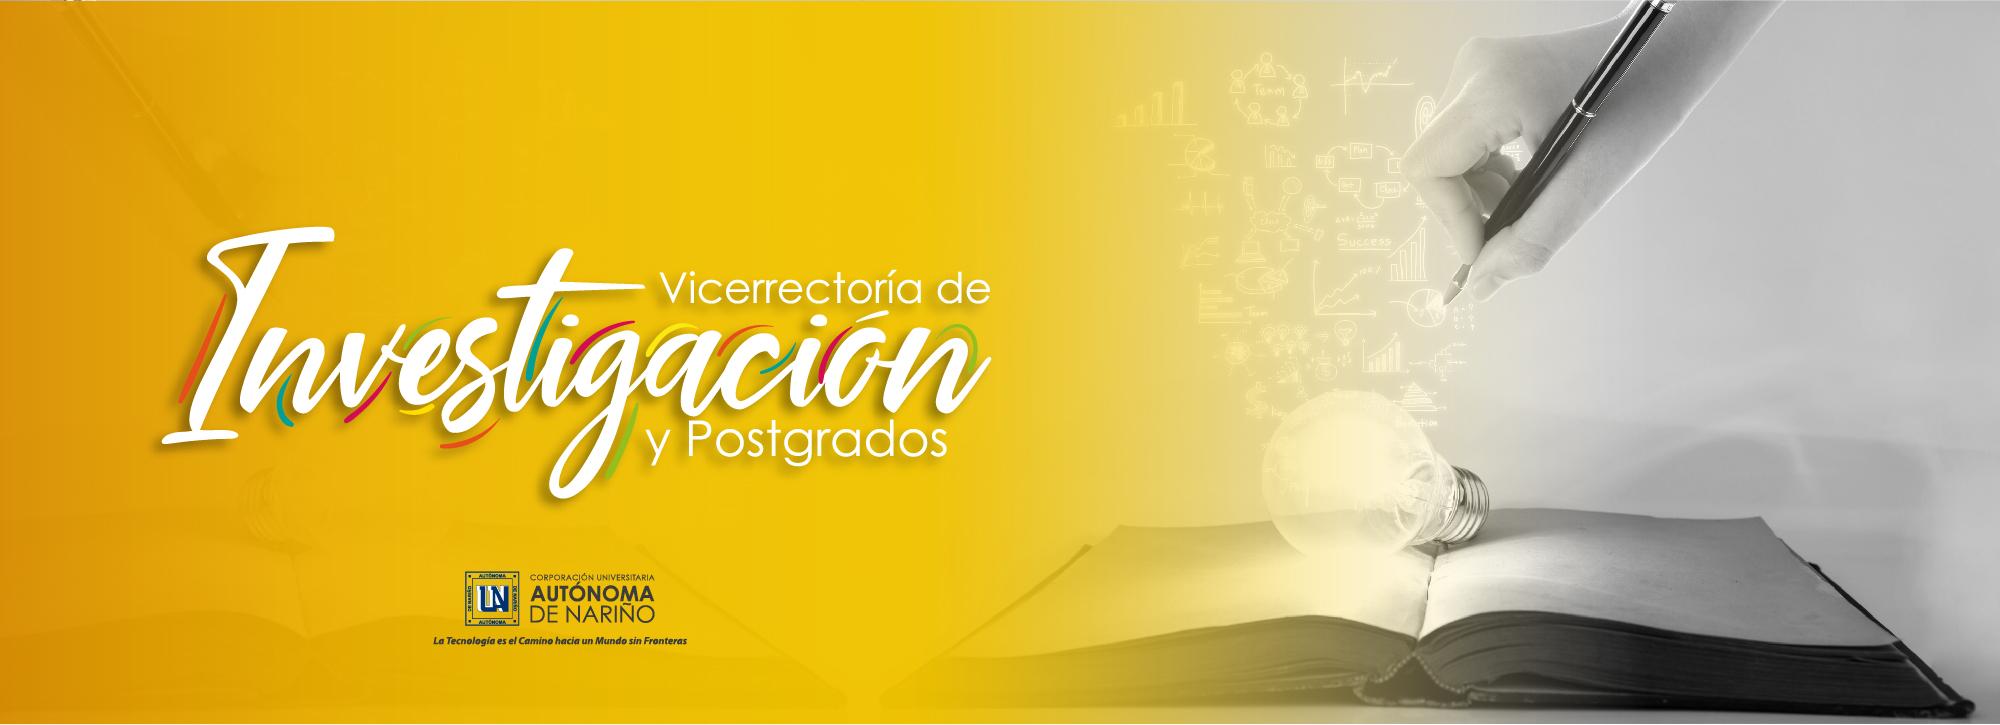 Vicerrectoría – Investigación